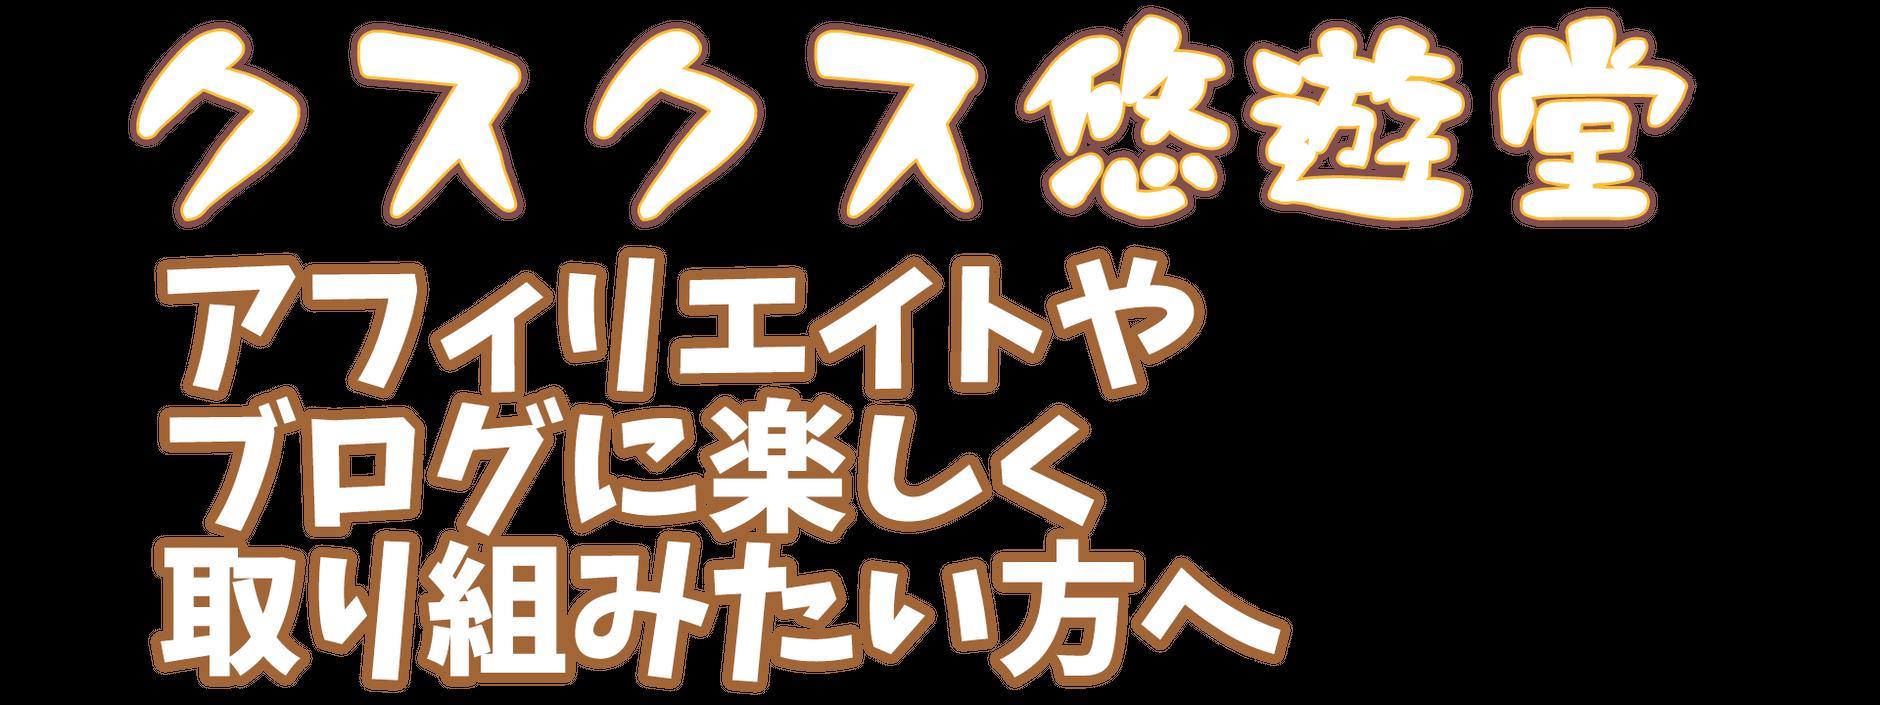 クスクス悠遊堂@イラスト・漫画・Webコンテンツ屋